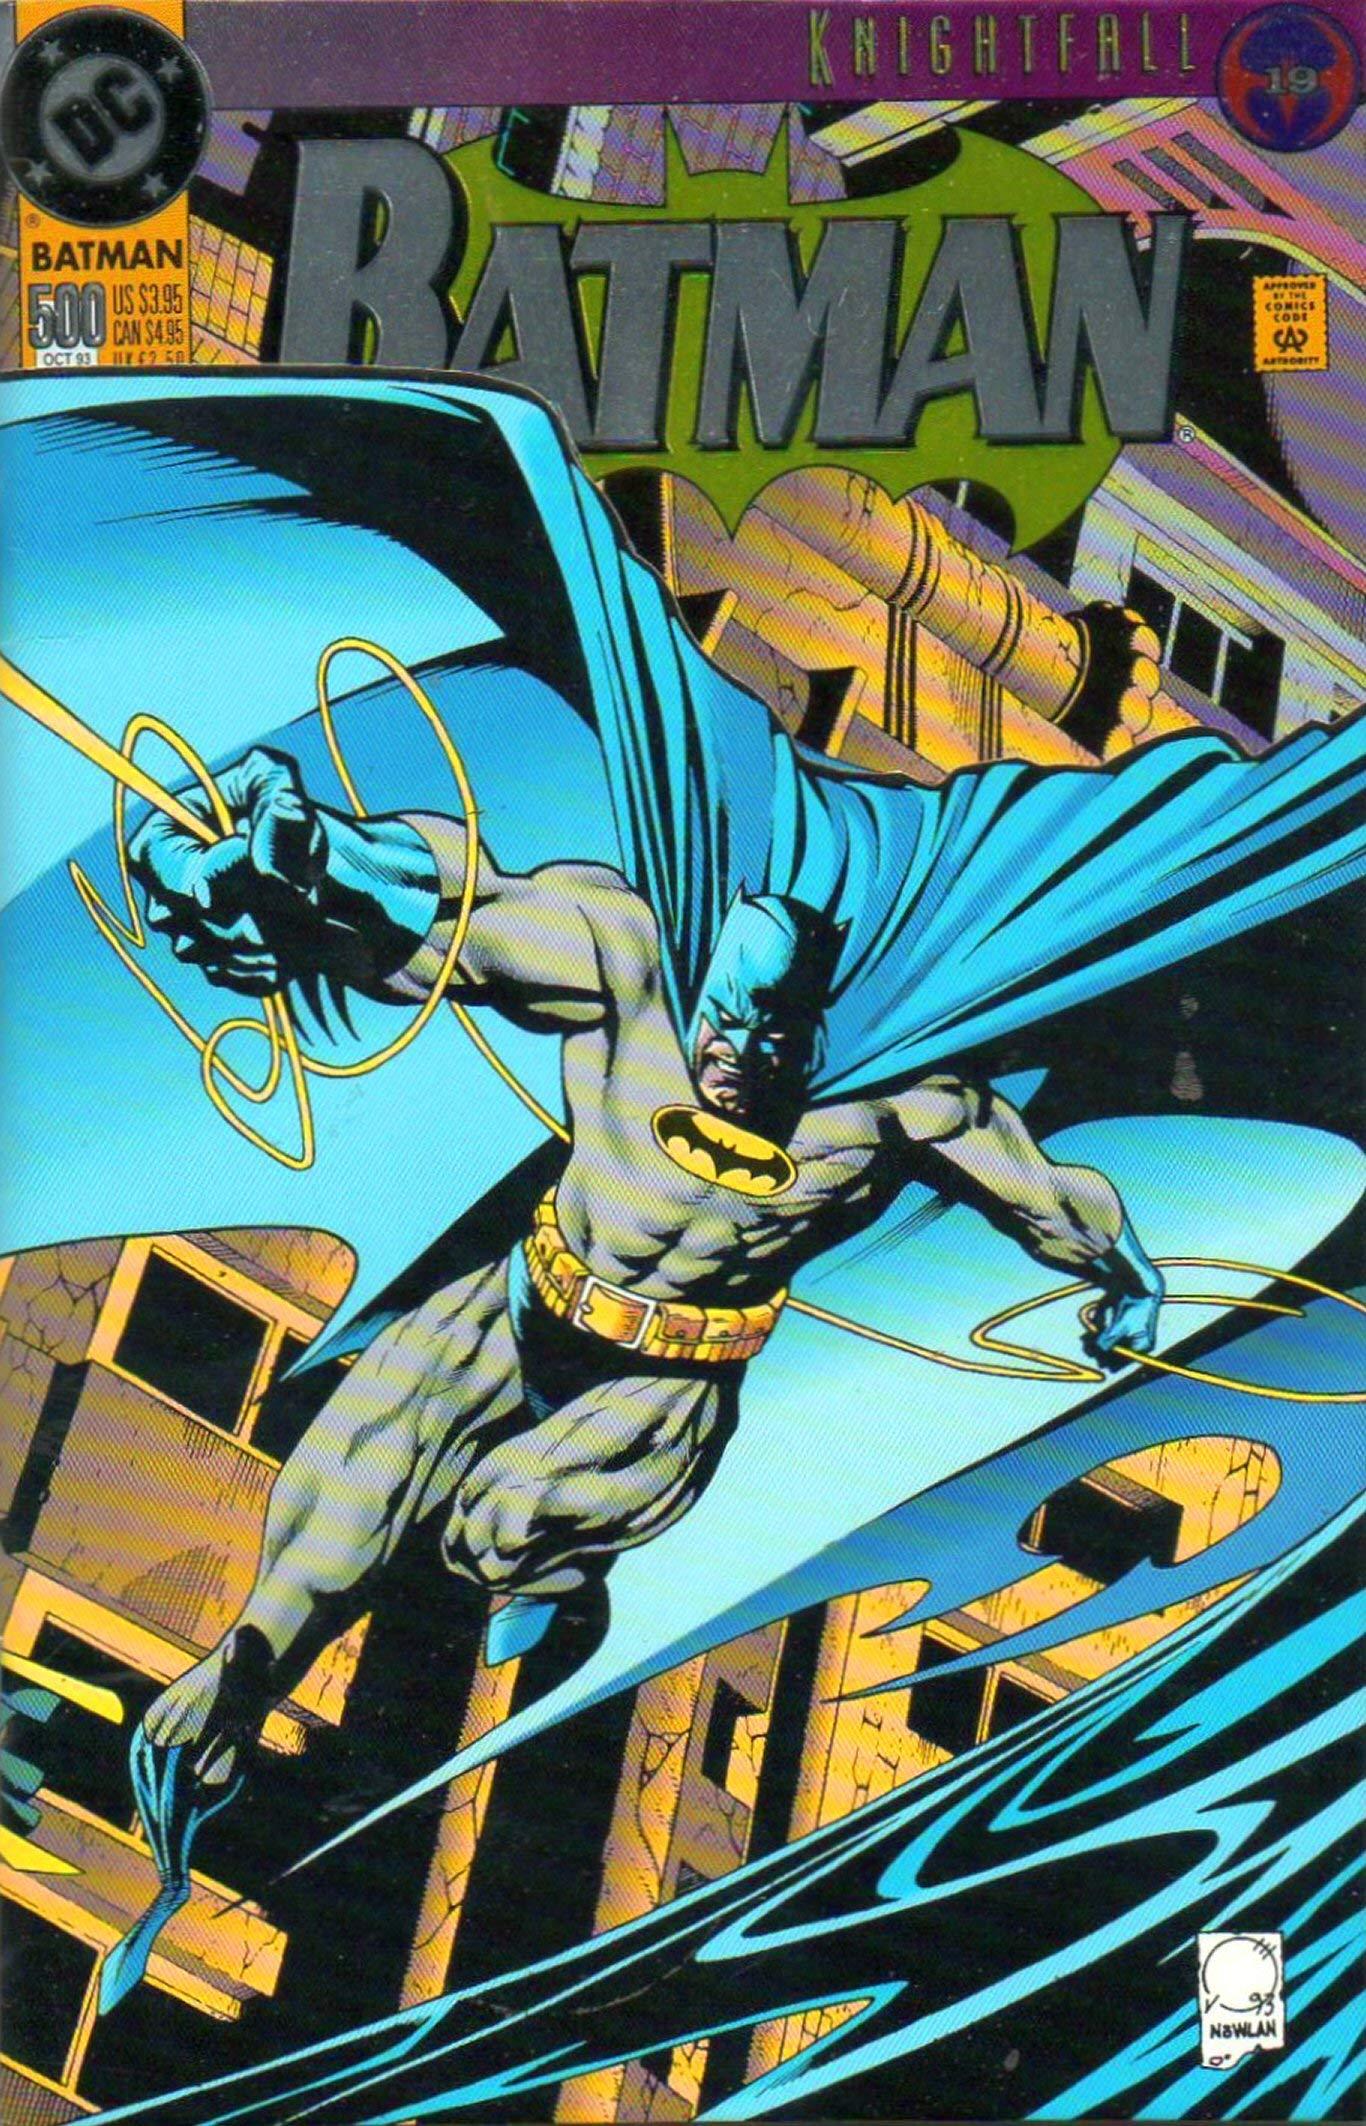 Amazon.com DC Comics Batman 15 Series Issue 15 Oct 15 Oct ...